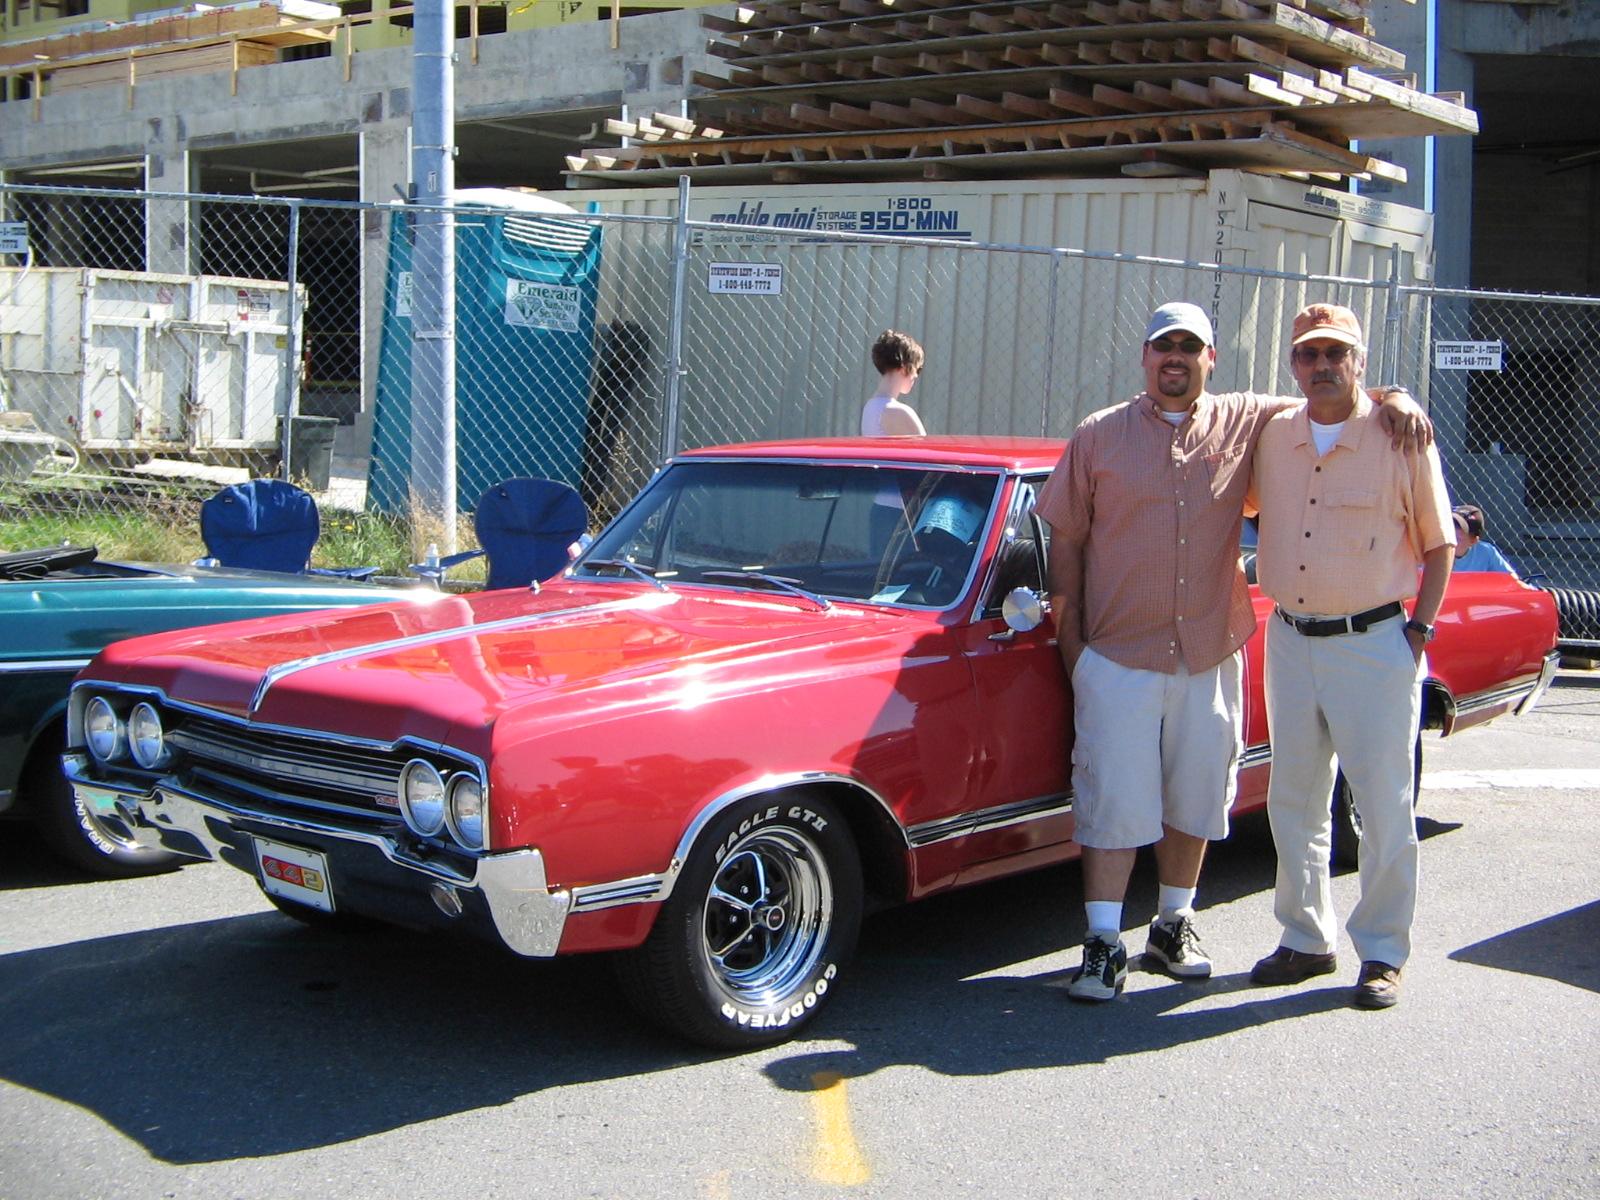 My 1965 Oldsmobile 442 page @ www AlbertPenello com!